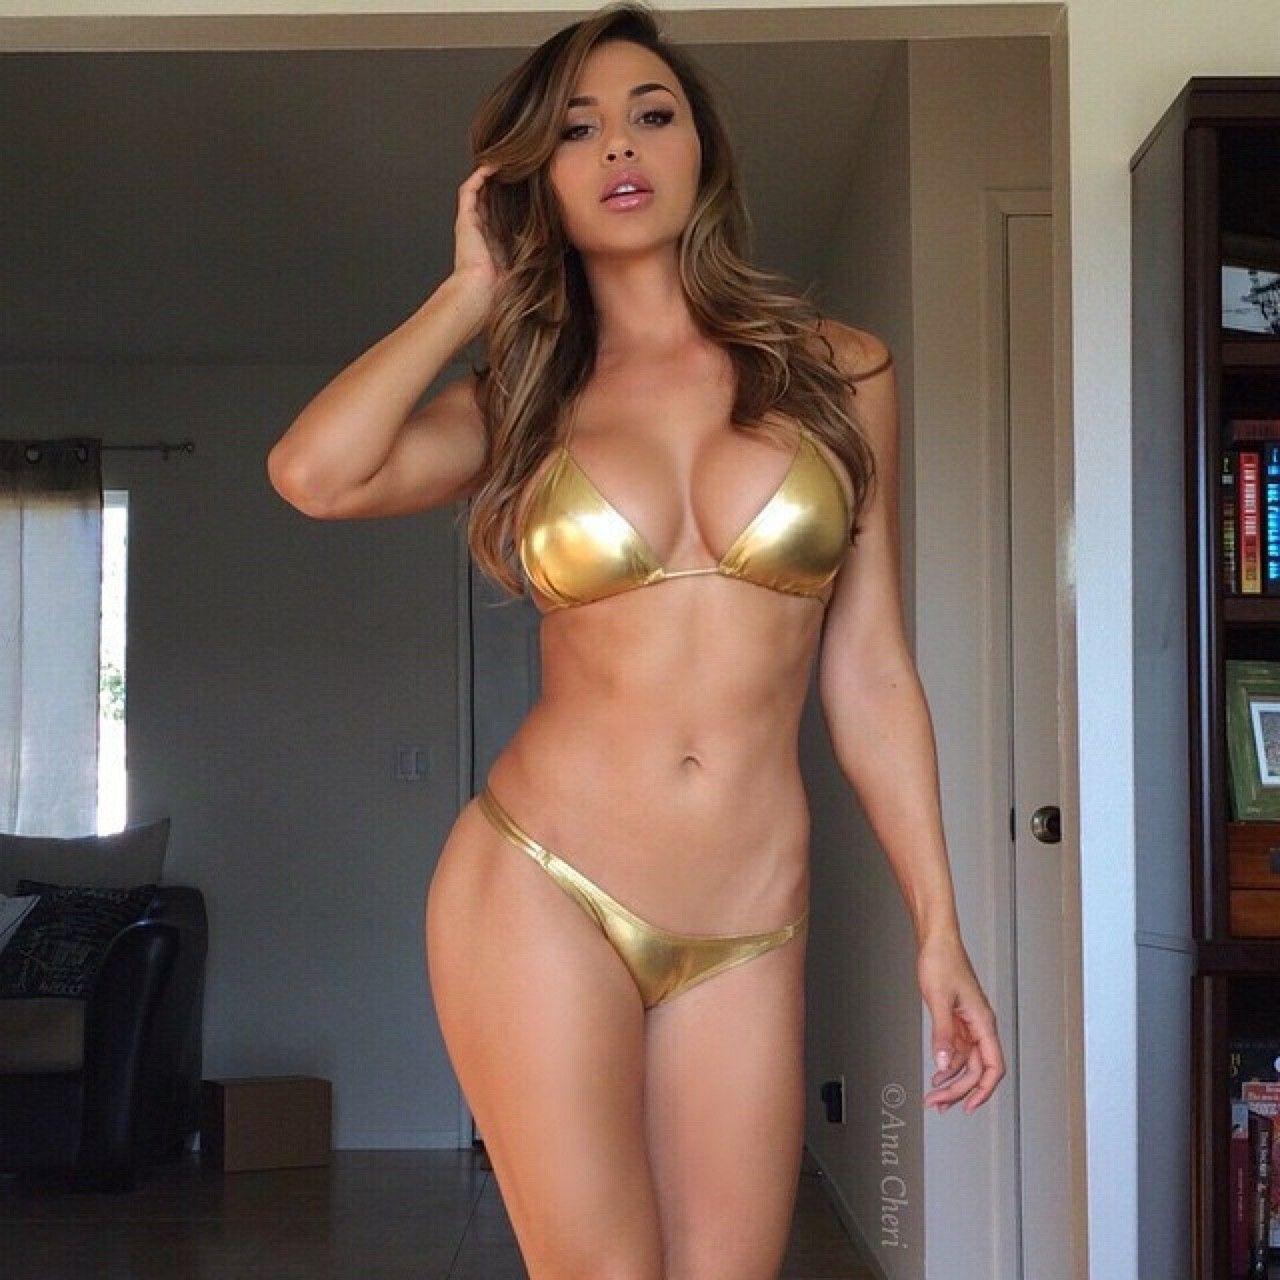 Ana cheri sexy